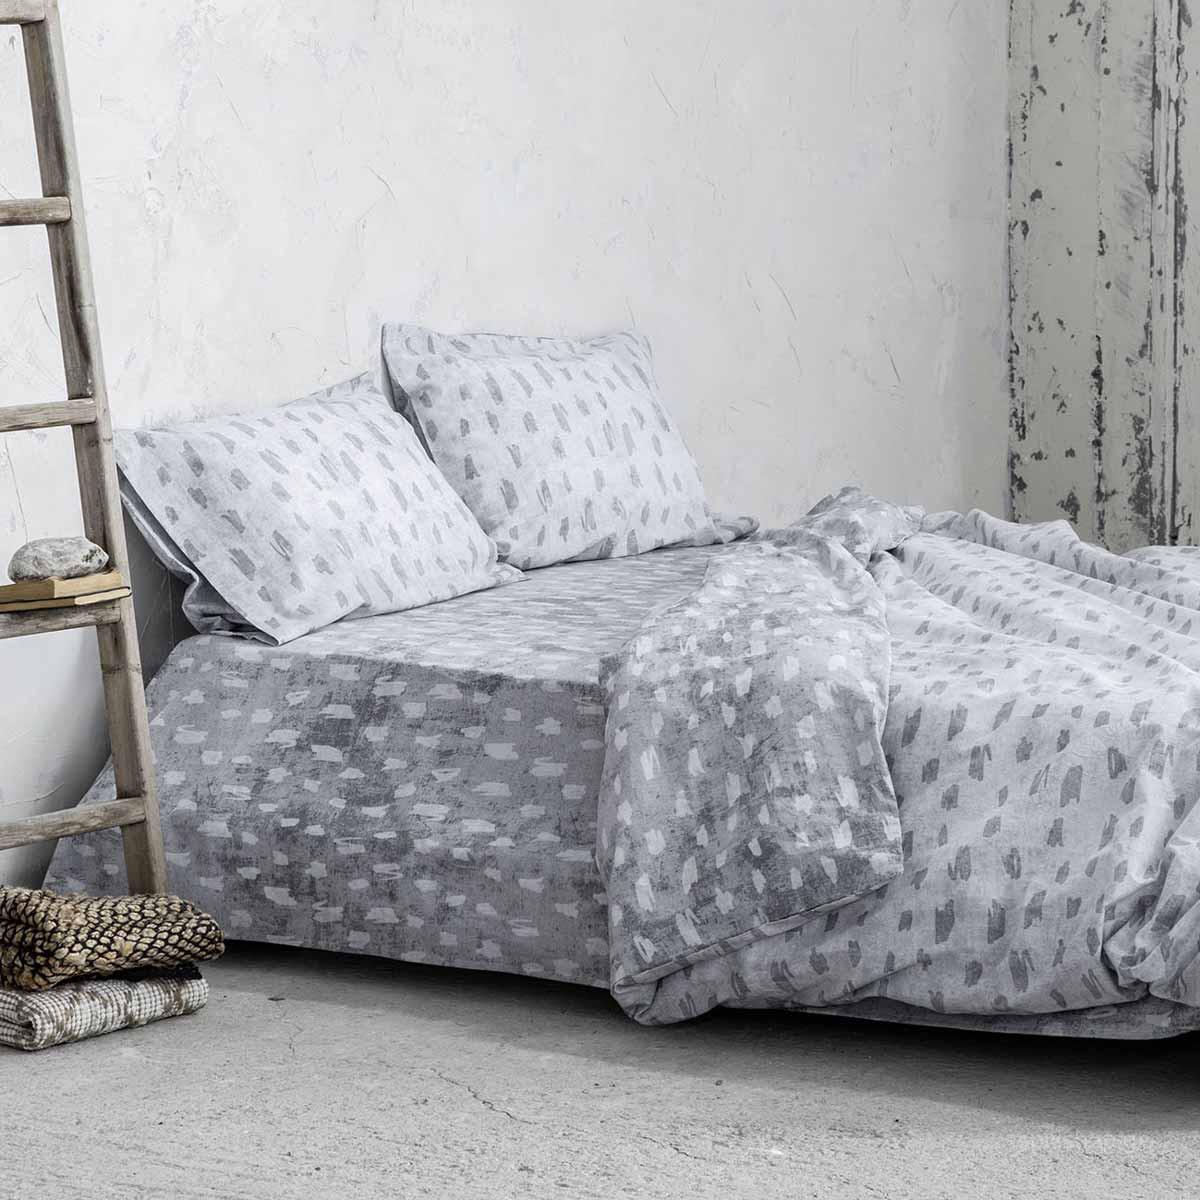 Σεντόνια Υπέρδιπλα (Σετ) Nima Bed Linen Dayo Grey ΧΩΡΙΣ ΛΑΣΤΙΧΟ ΧΩΡΙΣ ΛΑΣΤΙΧΟ